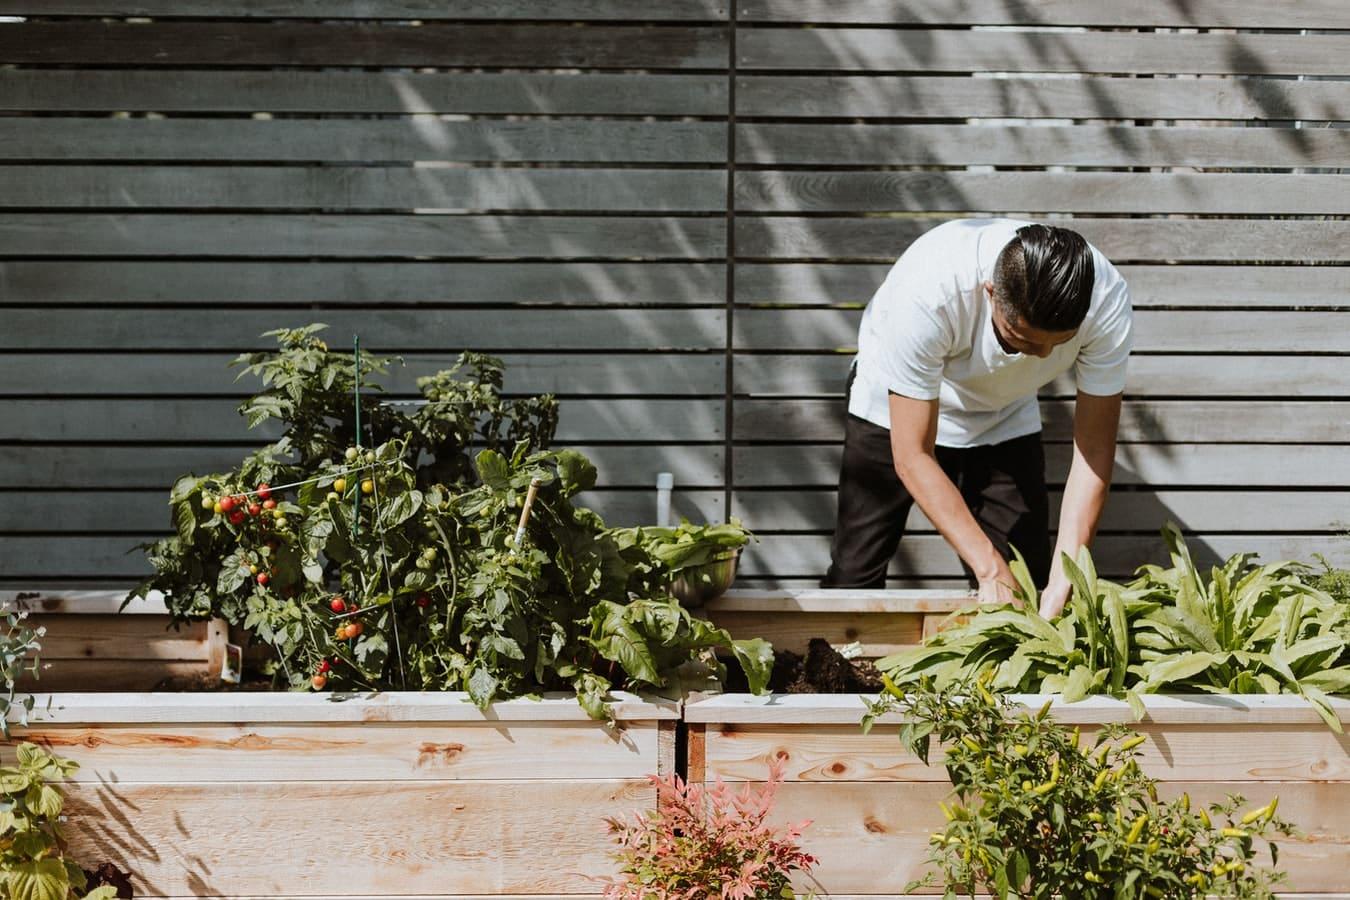 jardiner jardinage écolo zéro déchet